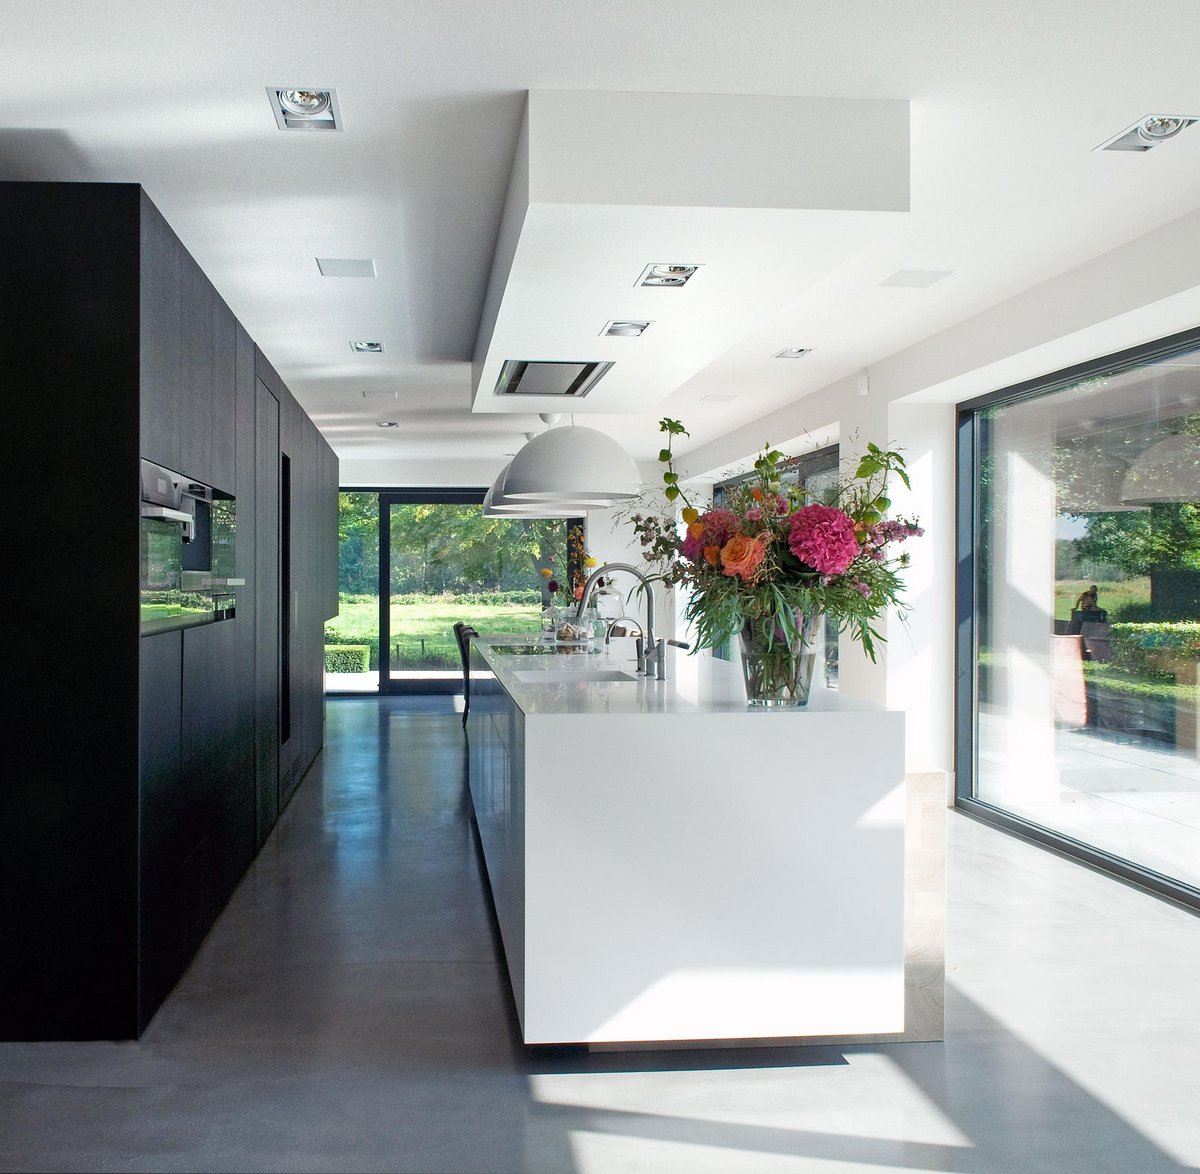 WillemsenU Architecten, черный фасад дома, фасад из черного дерева, панорамные окна в частном доме, Woonhuis M, камин в частном доме фото